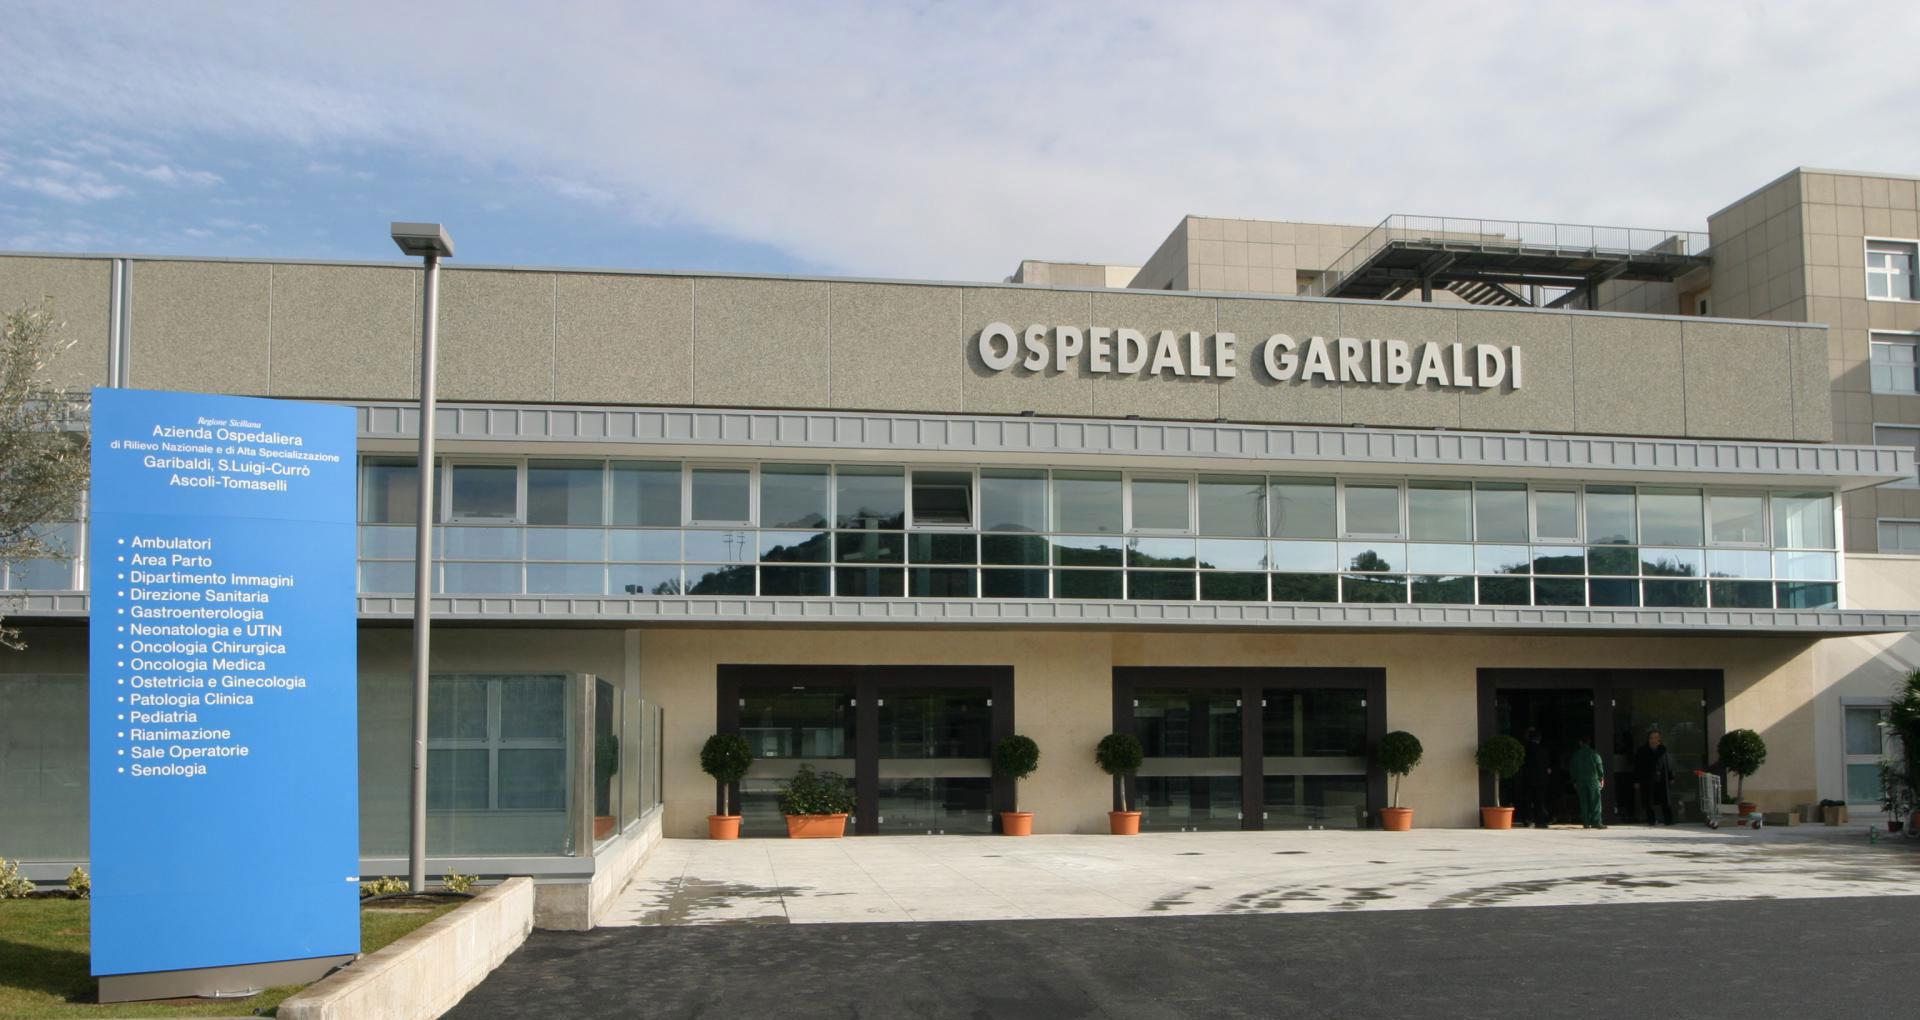 Le donne le curano le donne: decisione da Califfato nella ginecologia di Catania